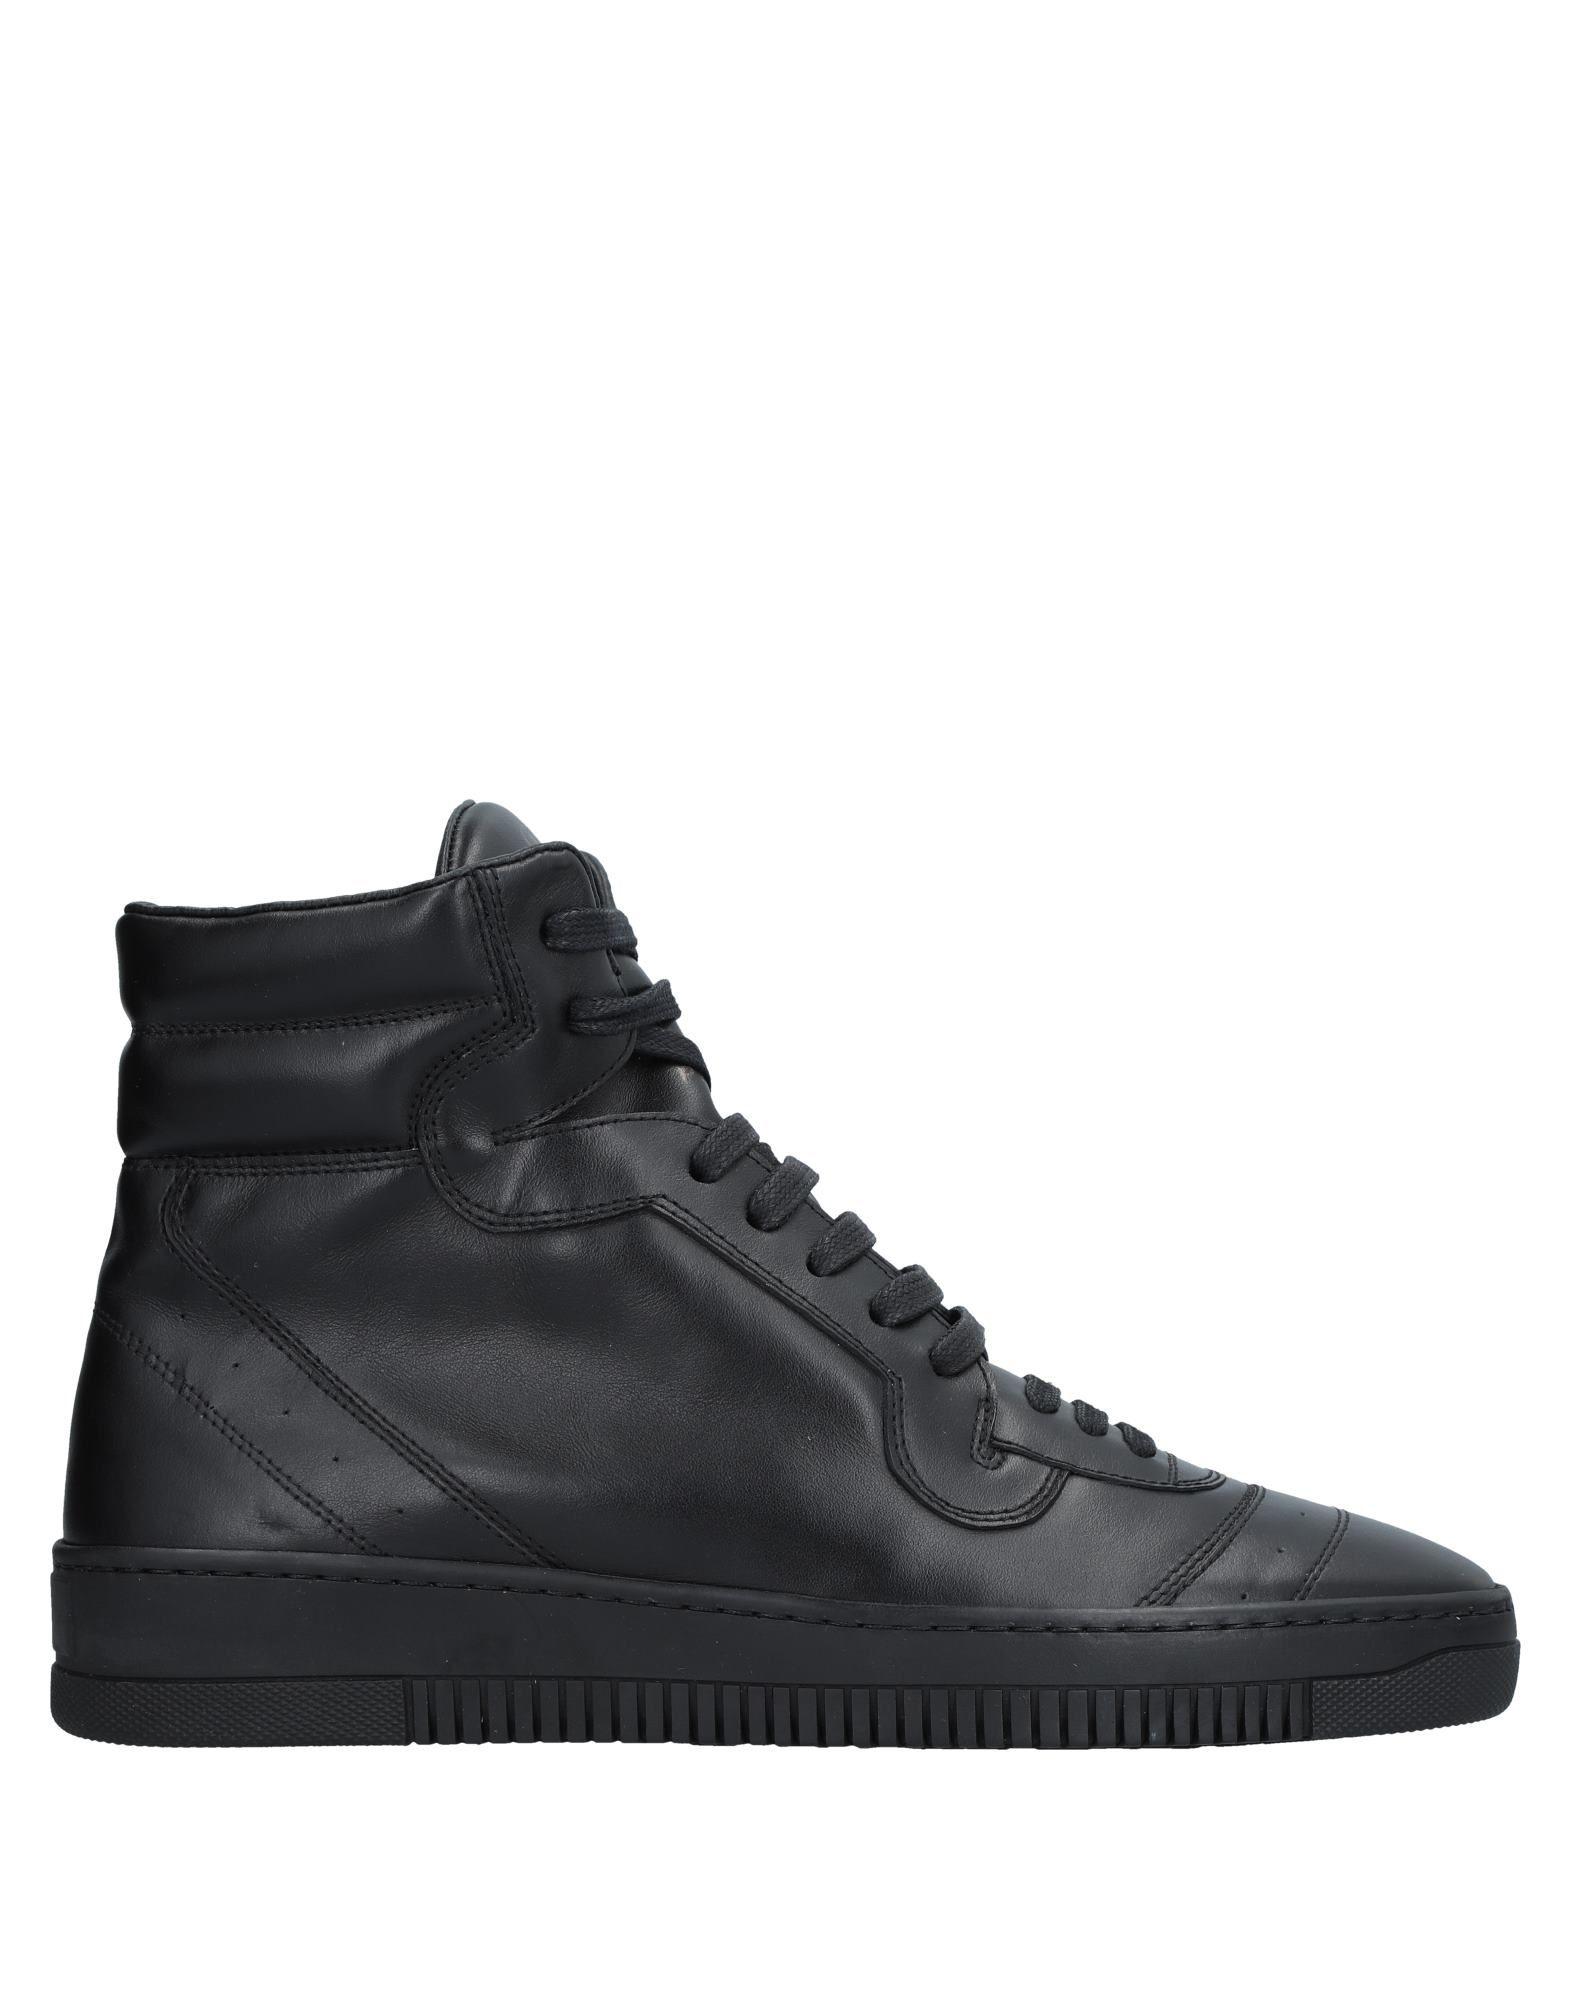 John Galliano Sneakers Herren  11538164IU Gute Qualität beliebte Schuhe